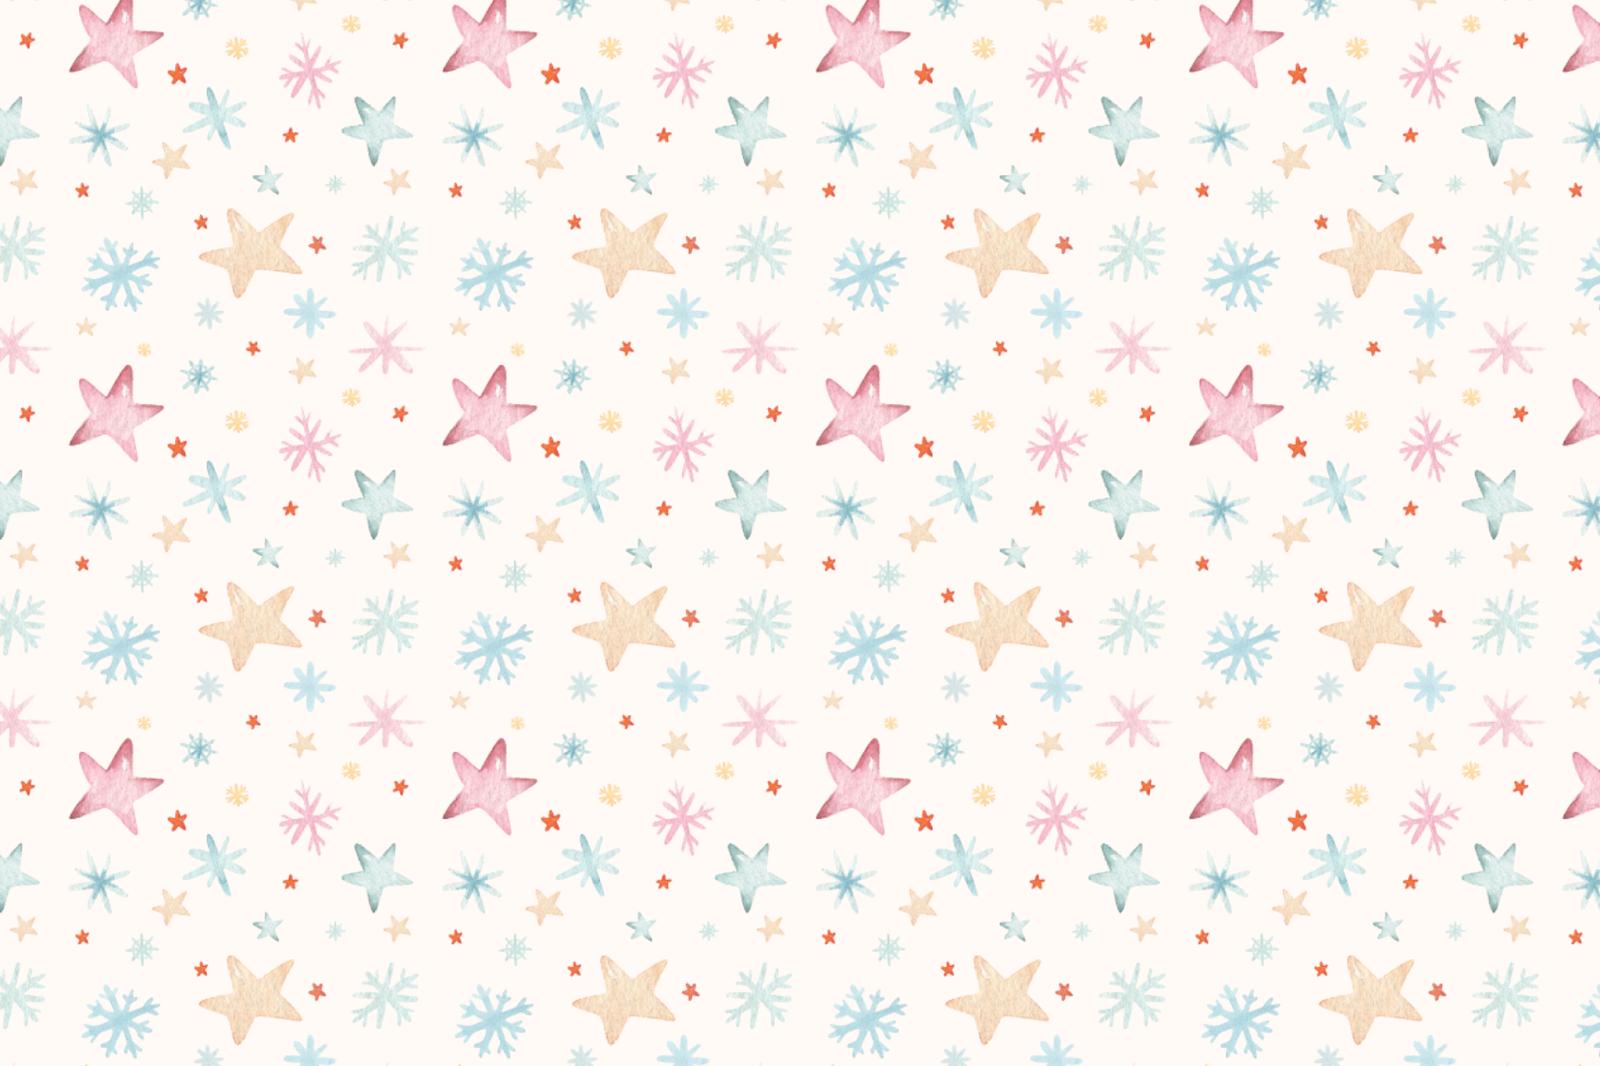 Crear un patrón o motivo sin costuras en Photoshop